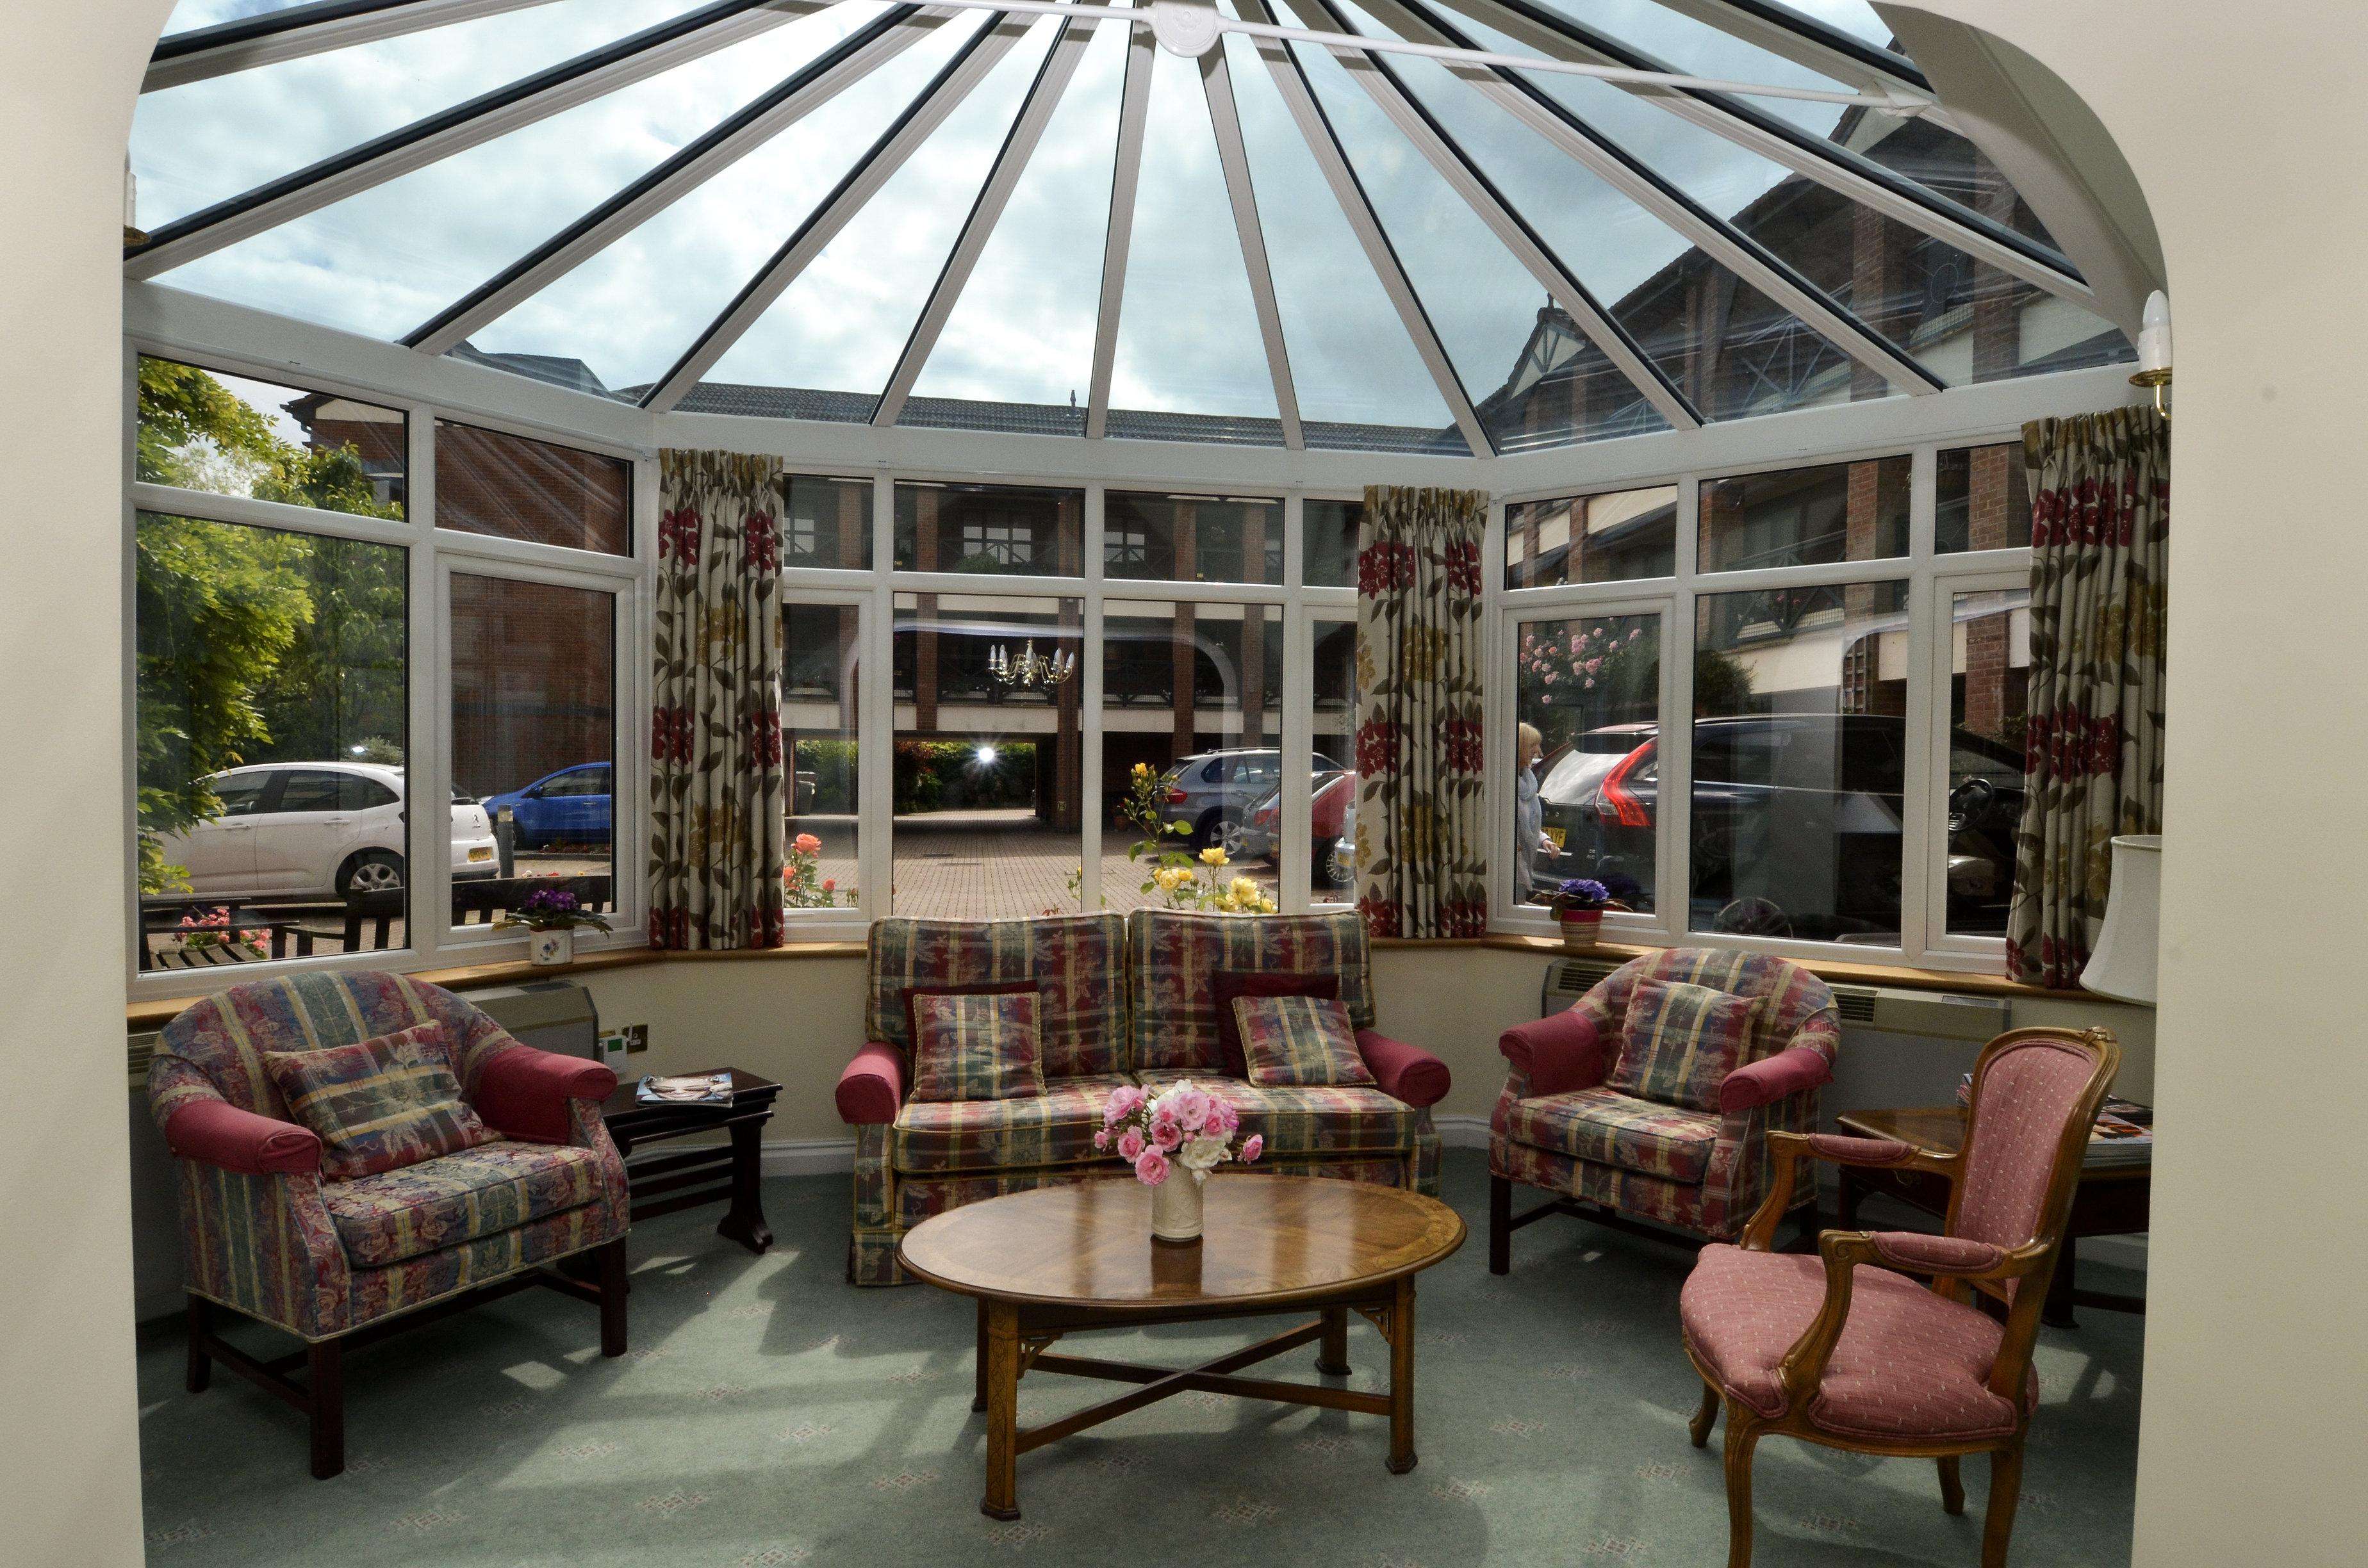 5 - conservatory inside